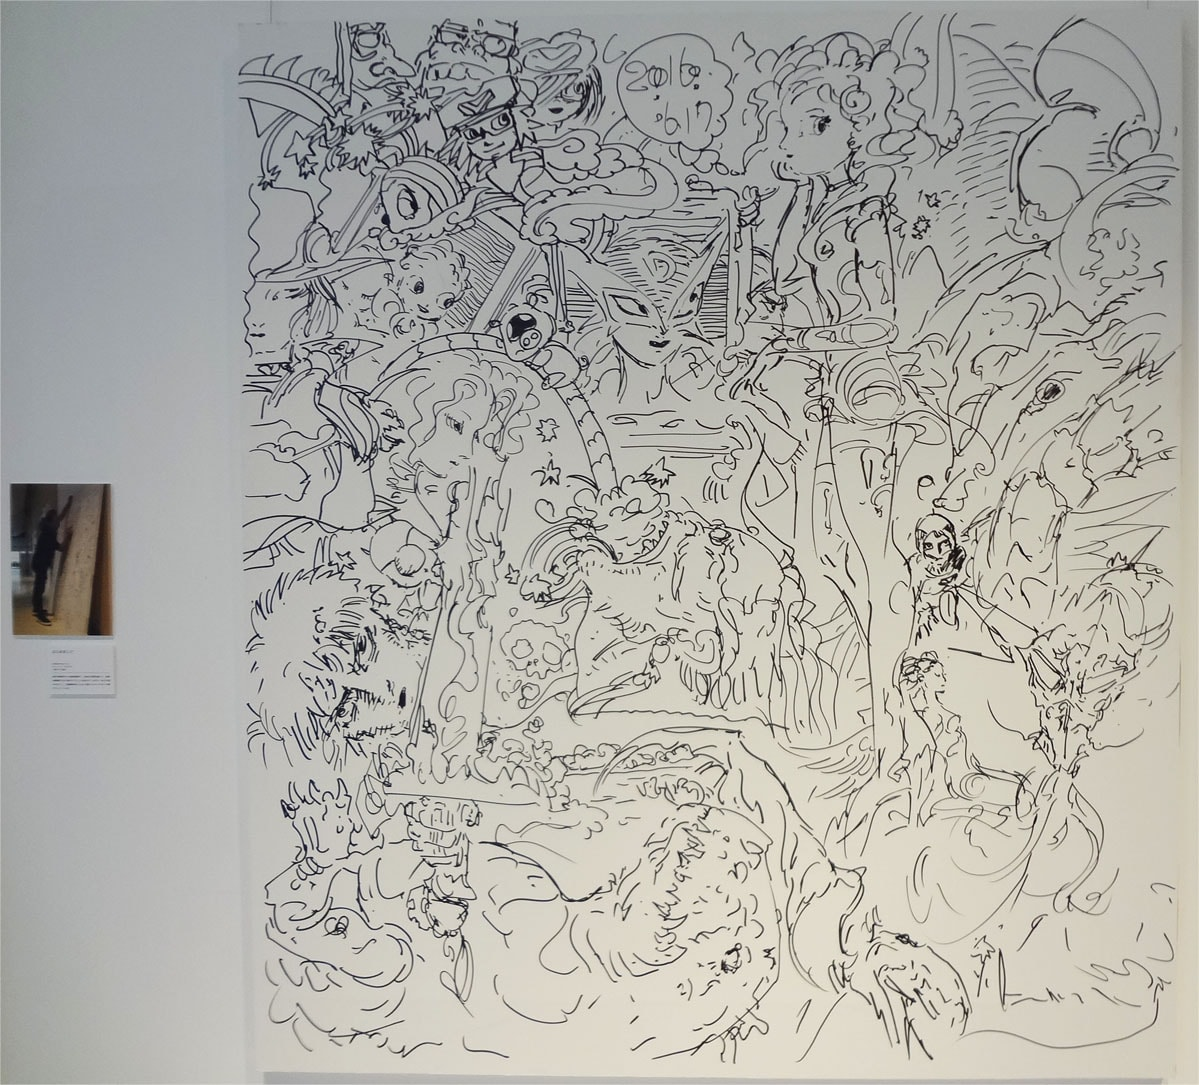 天野喜孝氏が描いた作品『はじめまして』